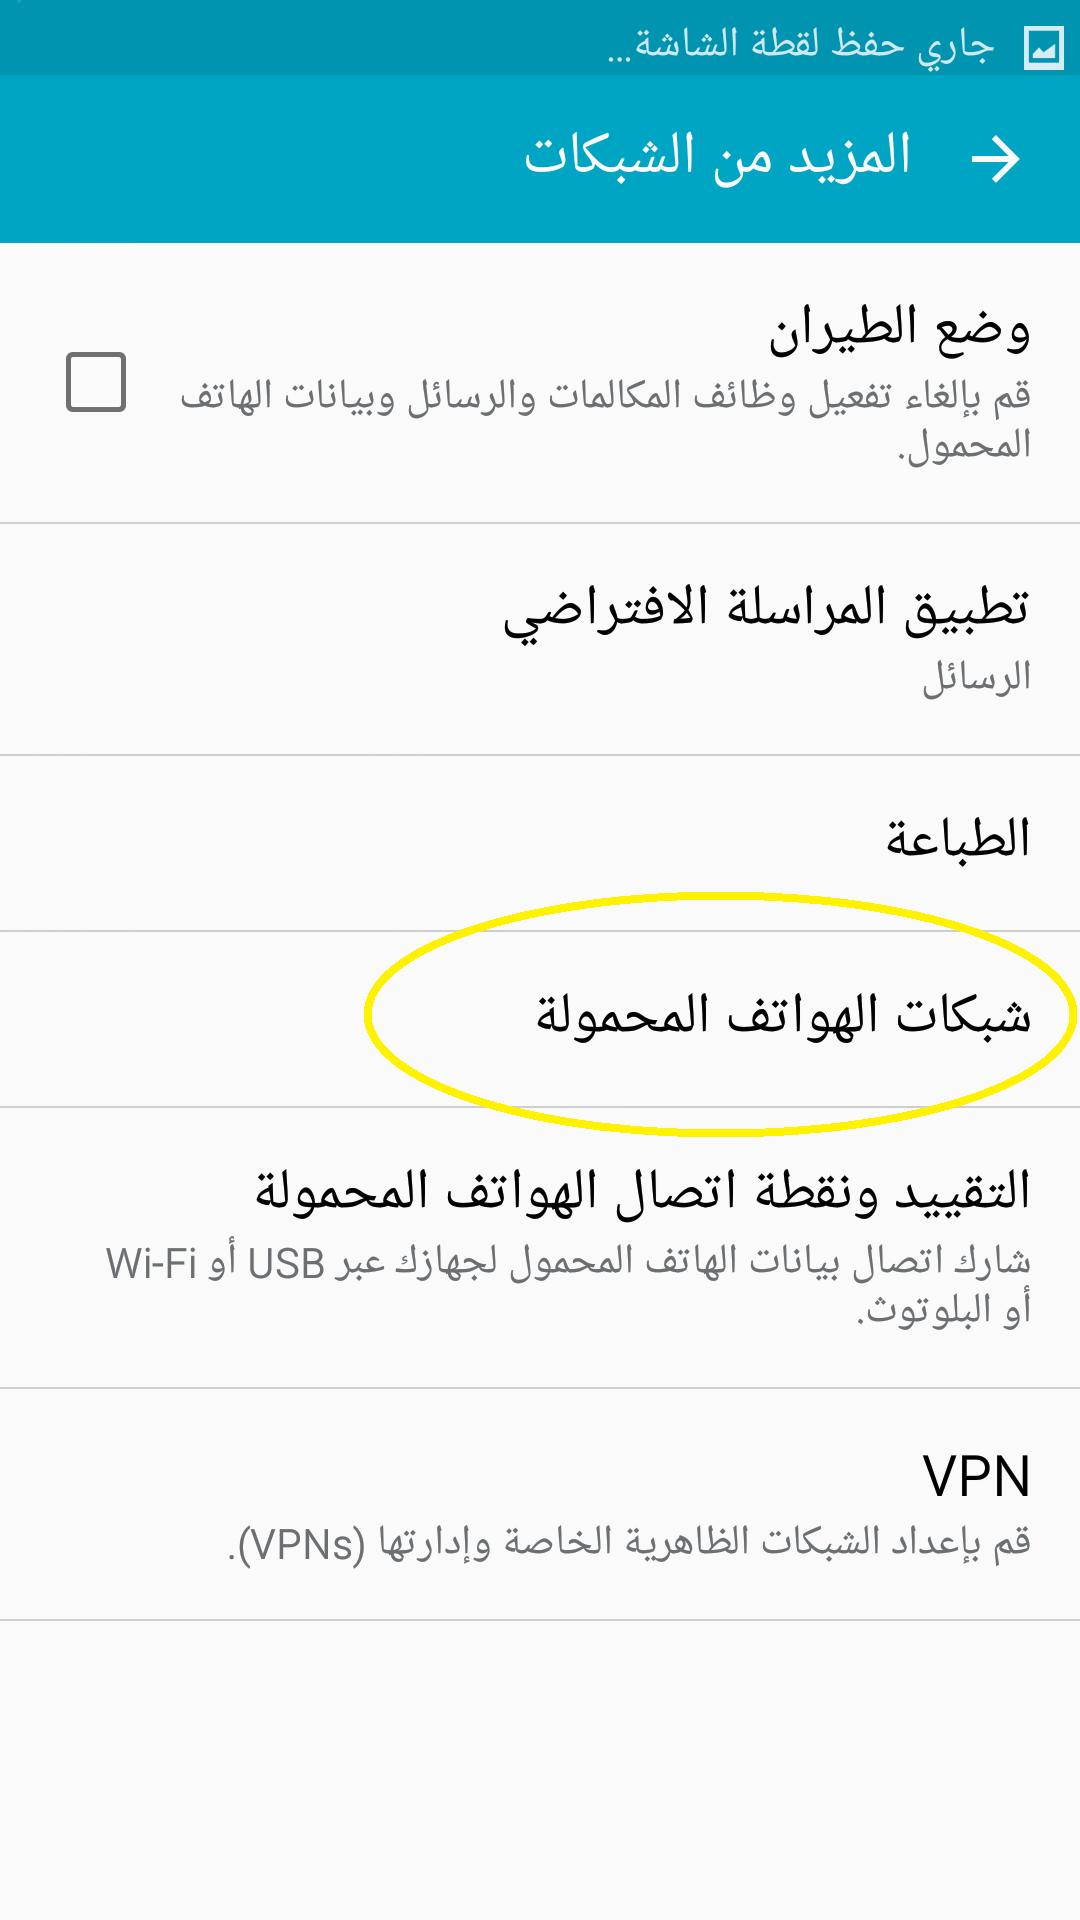 شبكات الهاتف المحمول